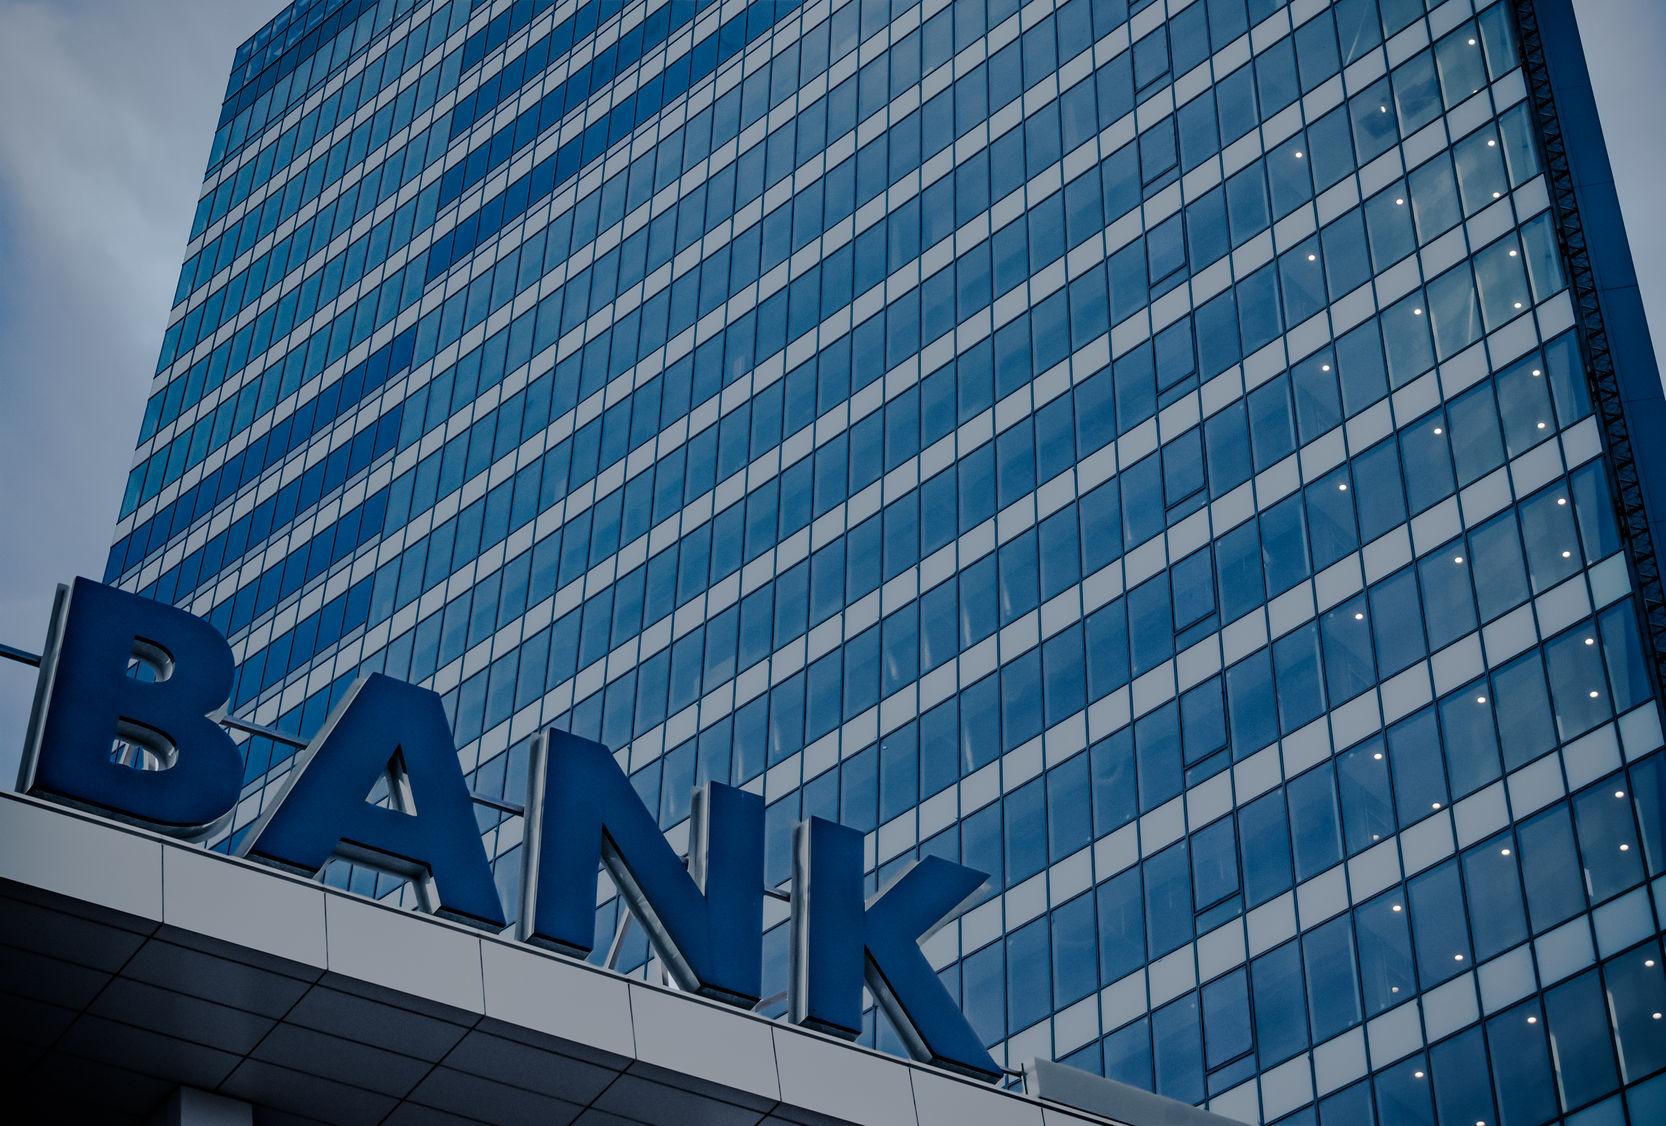 郵儲銀行即將迎來新董事長,行長一職仍空缺